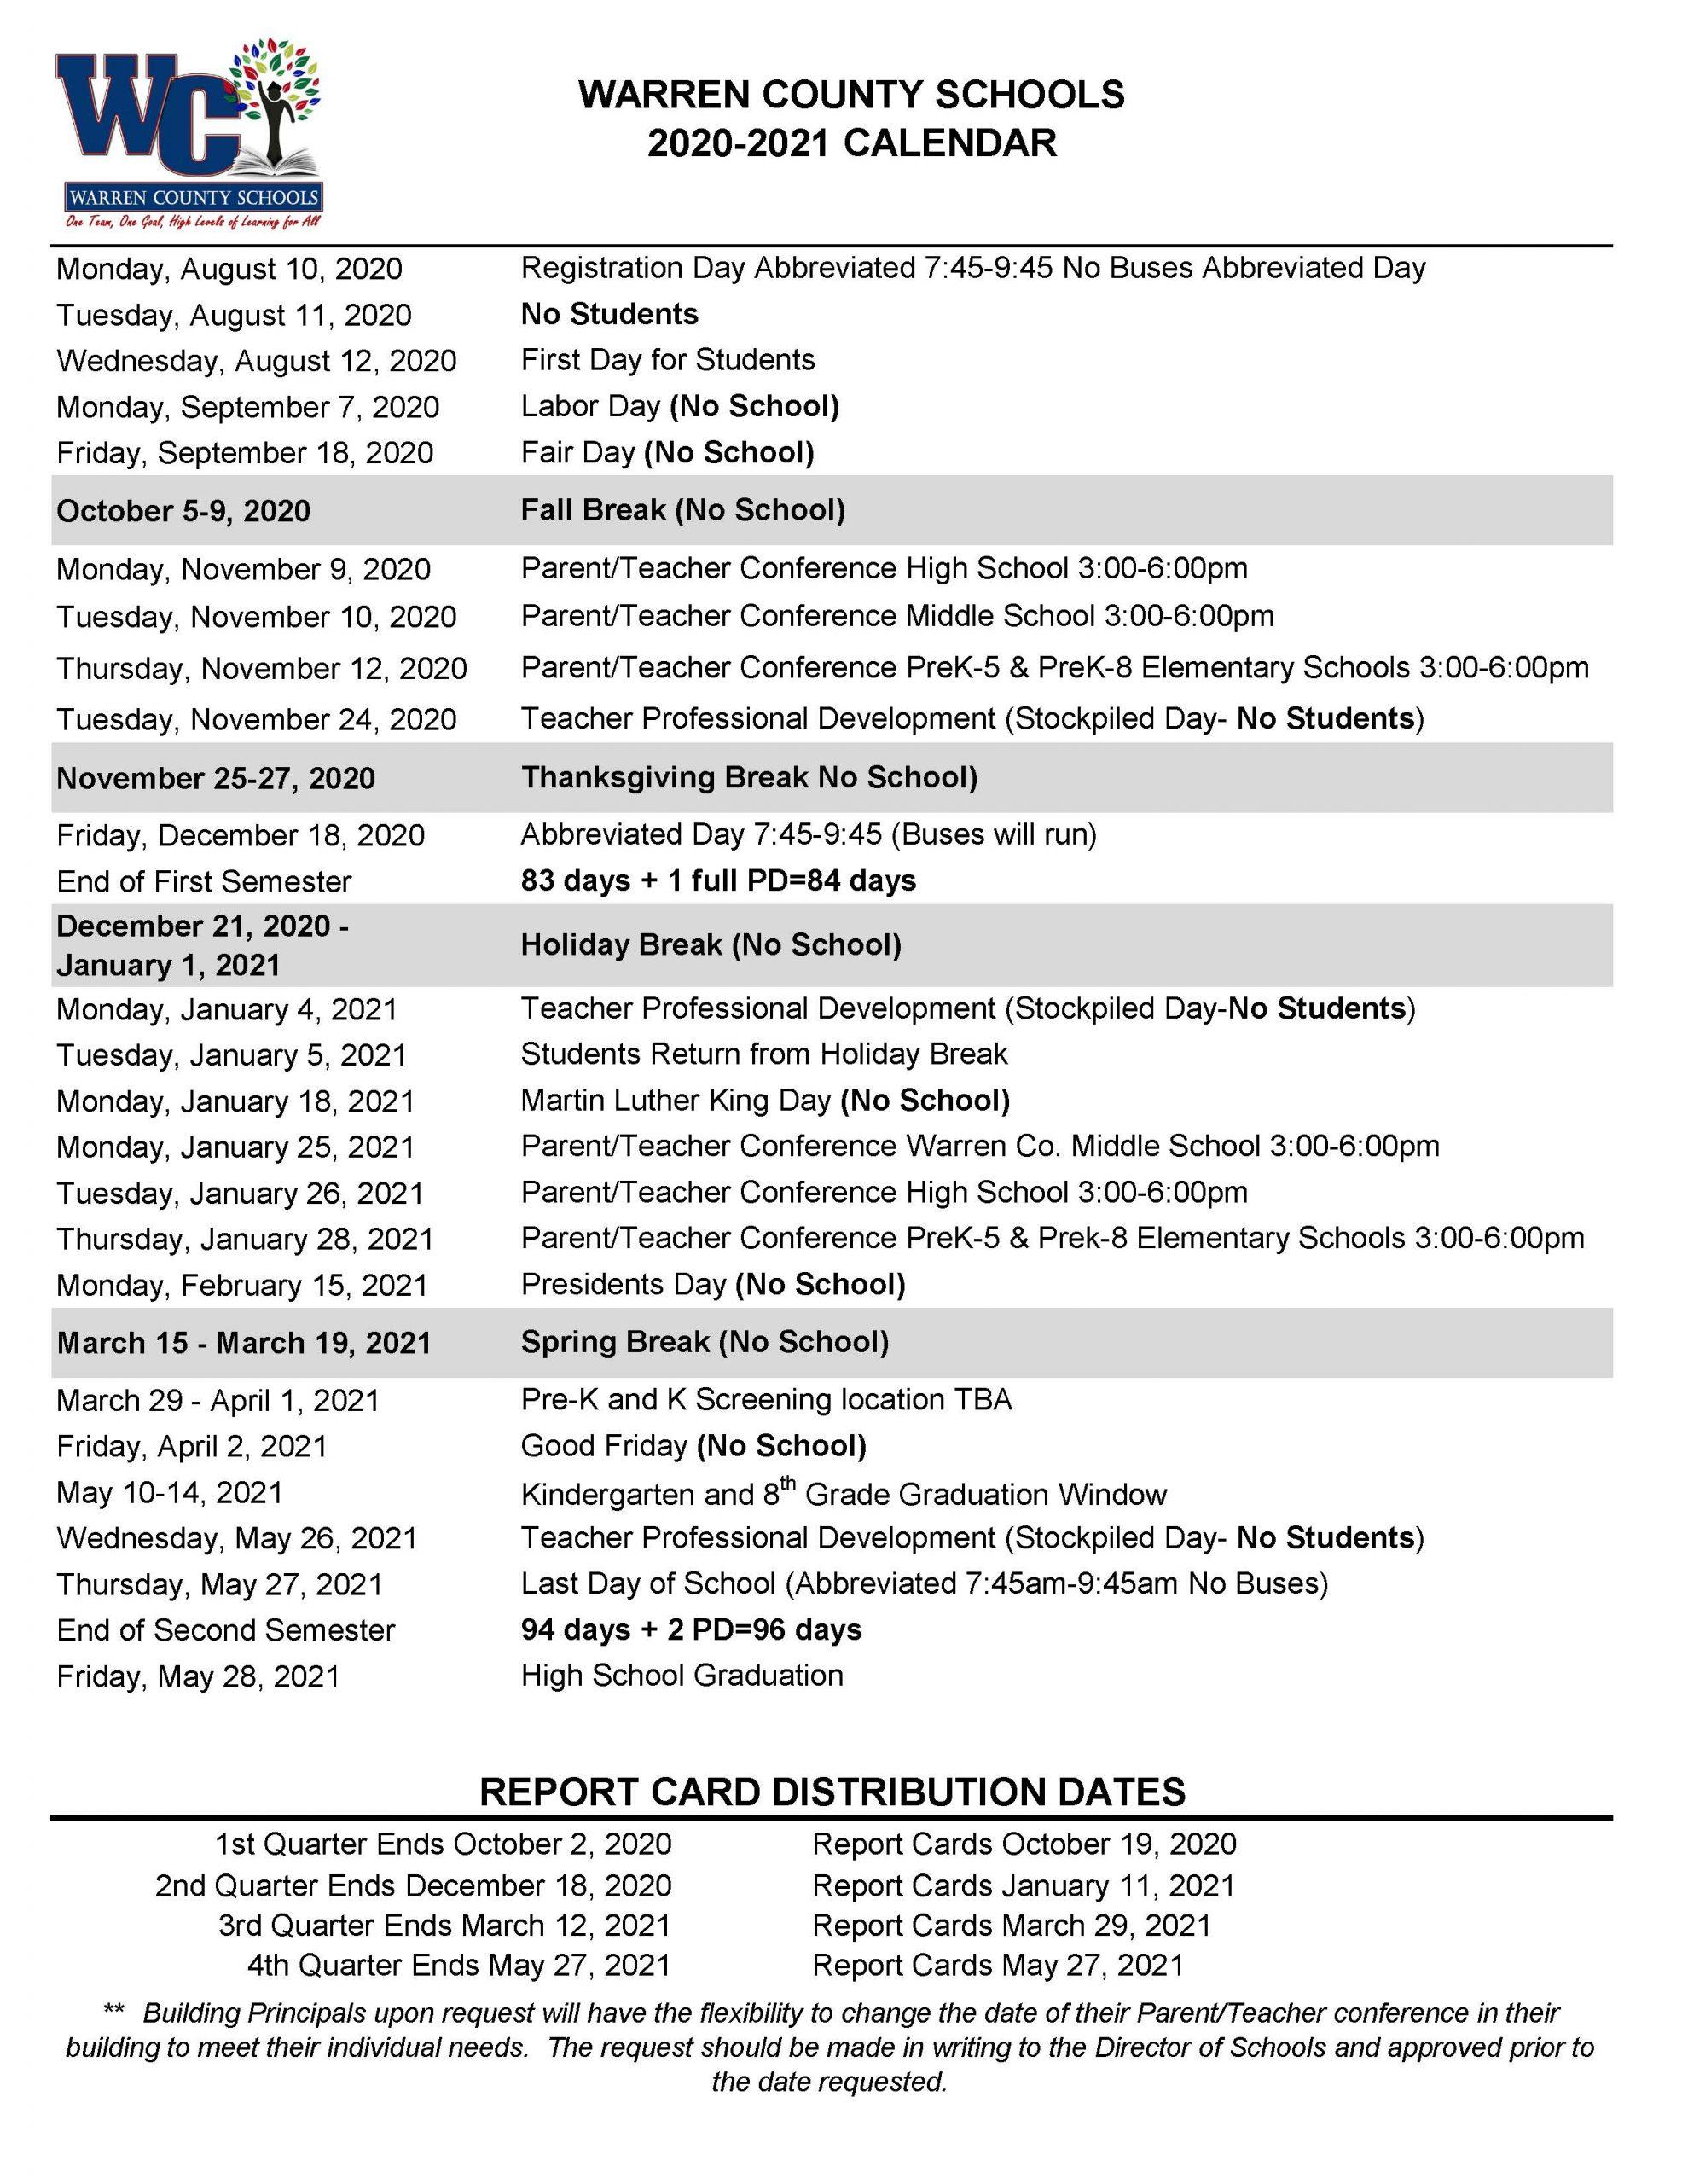 All News - Warren County Schools In Durham Public Schools Calendar 2021 2020